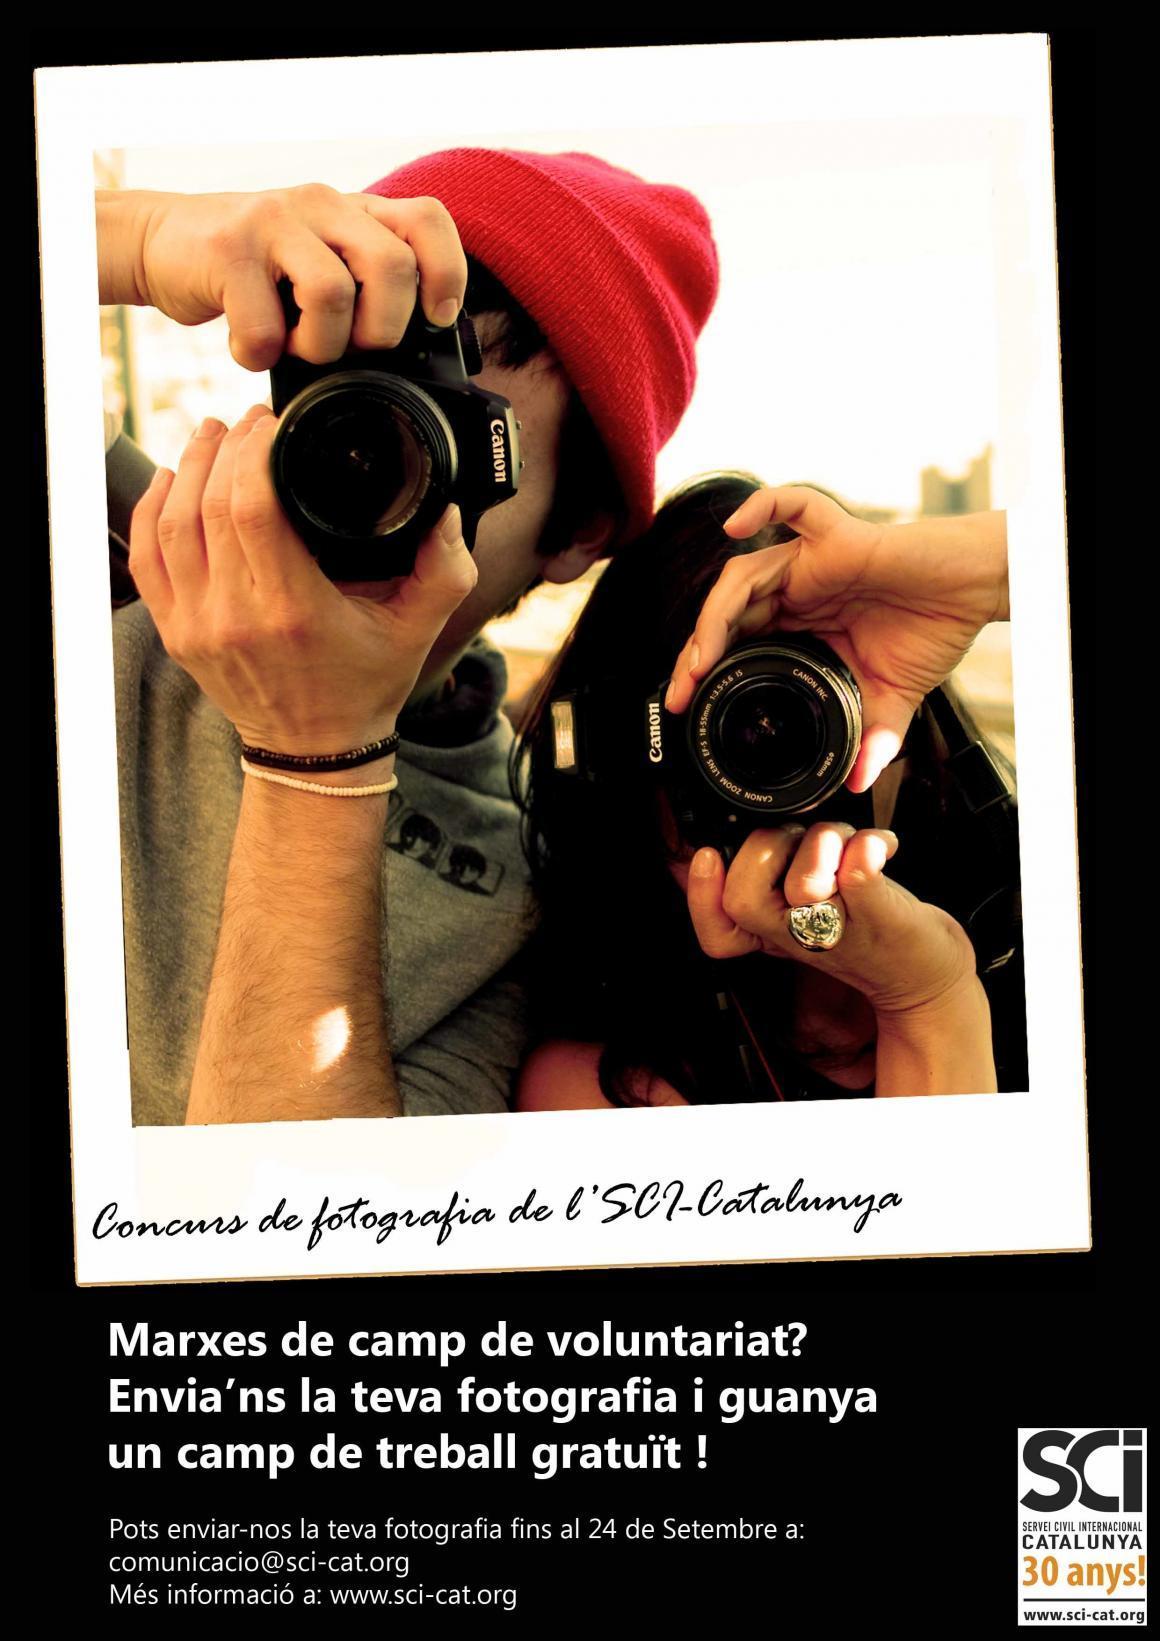 Marxes a un Camp de Voluntariat? Envian's la teva fotografia!